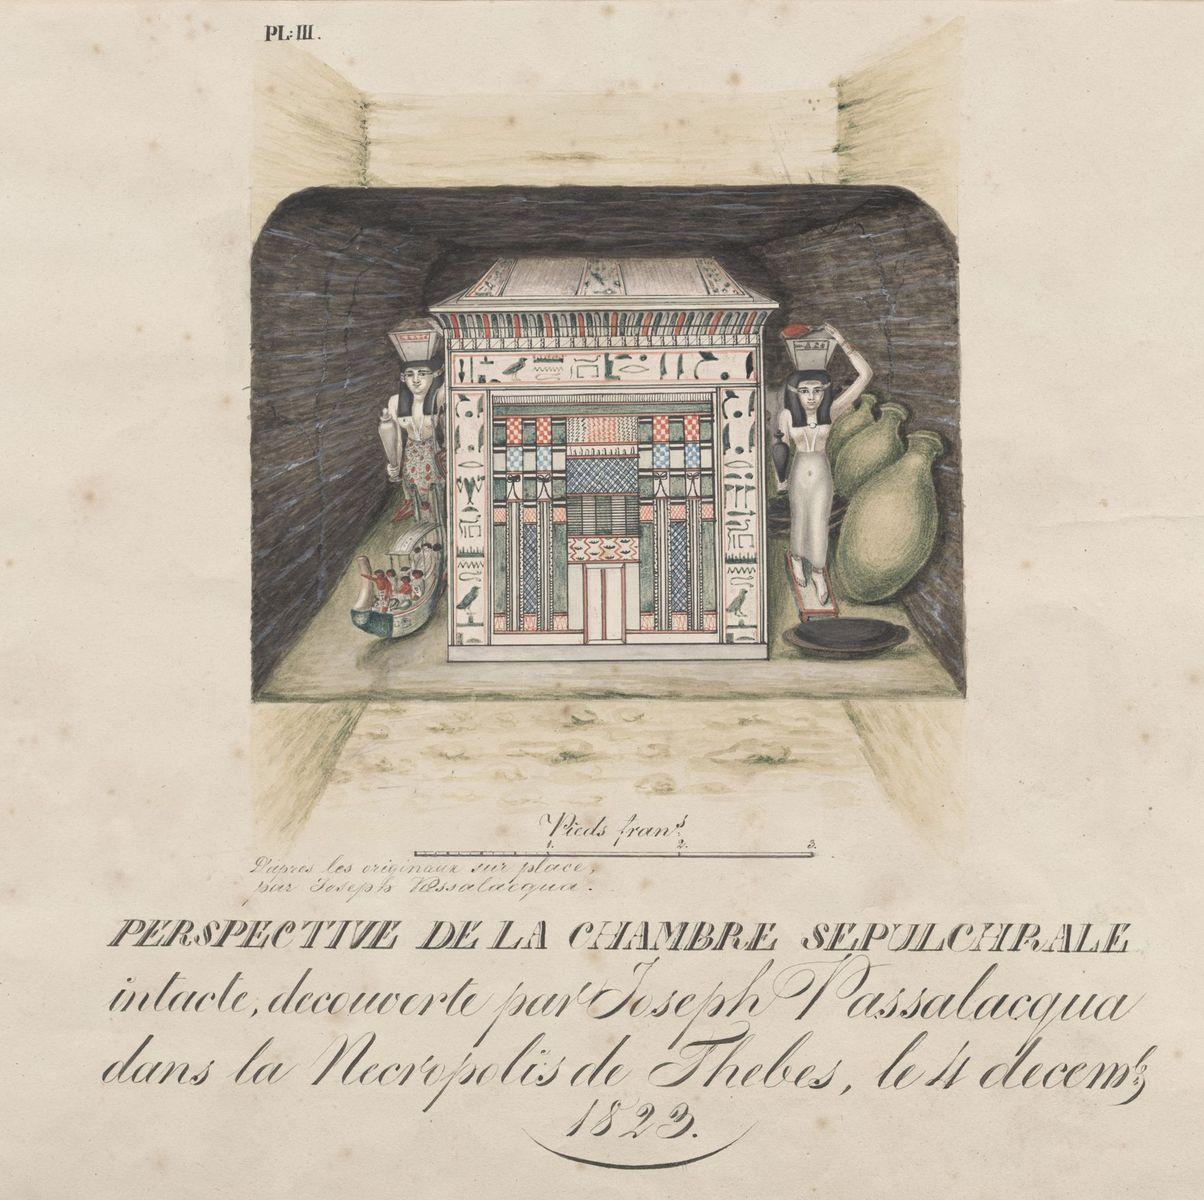 Funde im Grab des Mentuhotep in Theben. Im Jahr 1823 entdeckt und ausgegraben durch Passalacqua. Kolorierte Originalzeichnung von G. Passalacqua © Staatliche Museen zu Berlin, Ägyptisches Museum und Papyrussammlung Berlin, Dokumentenarchiv